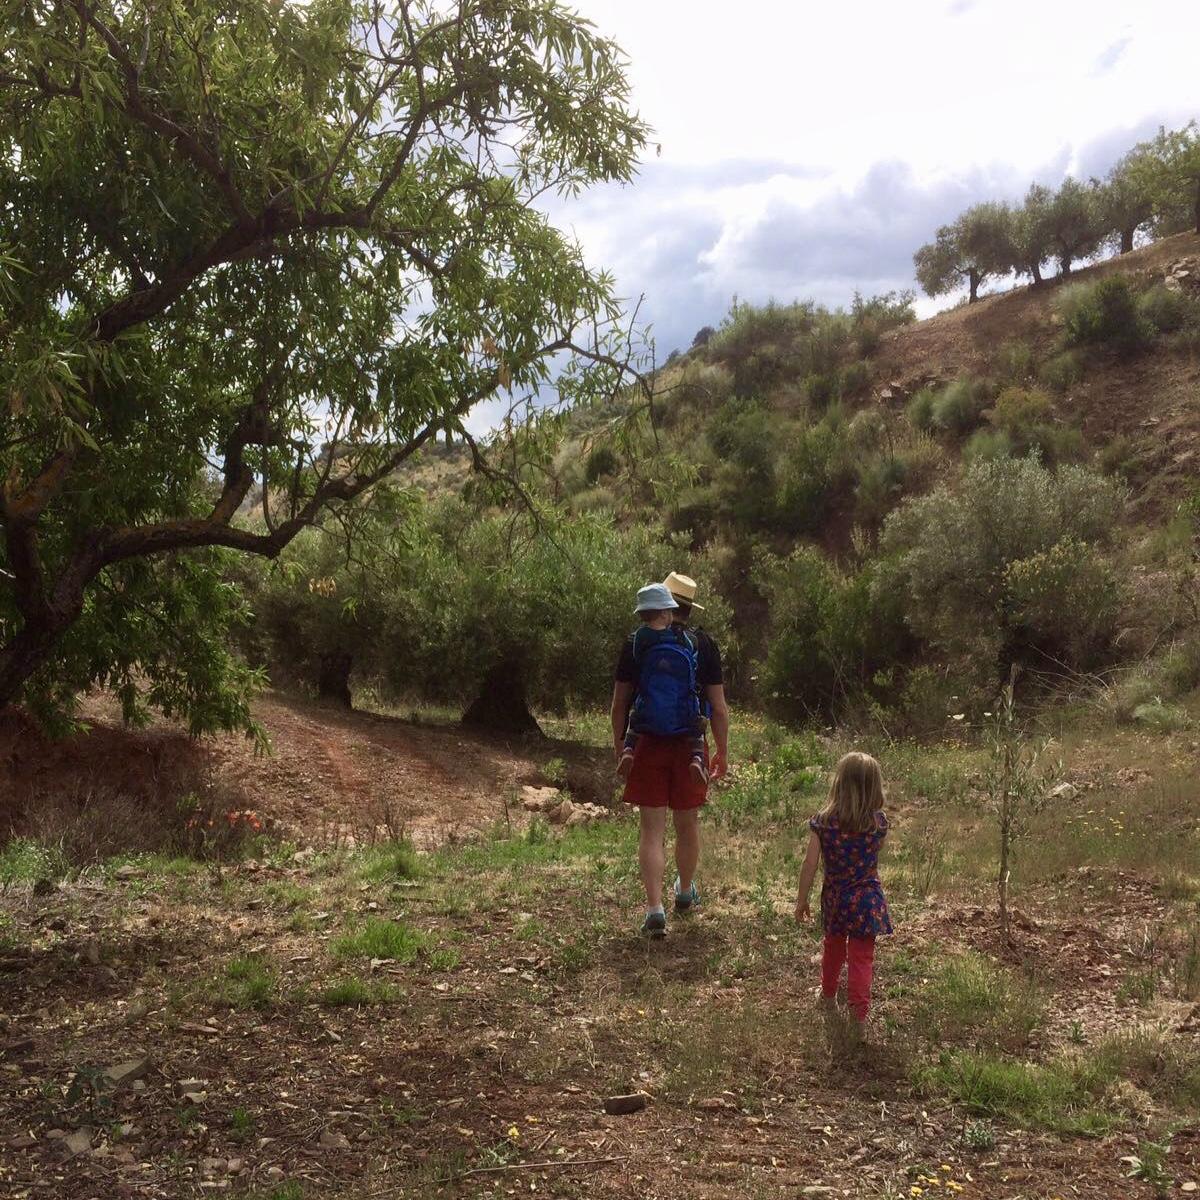 Heerlijk wandelen in de mooie natuur